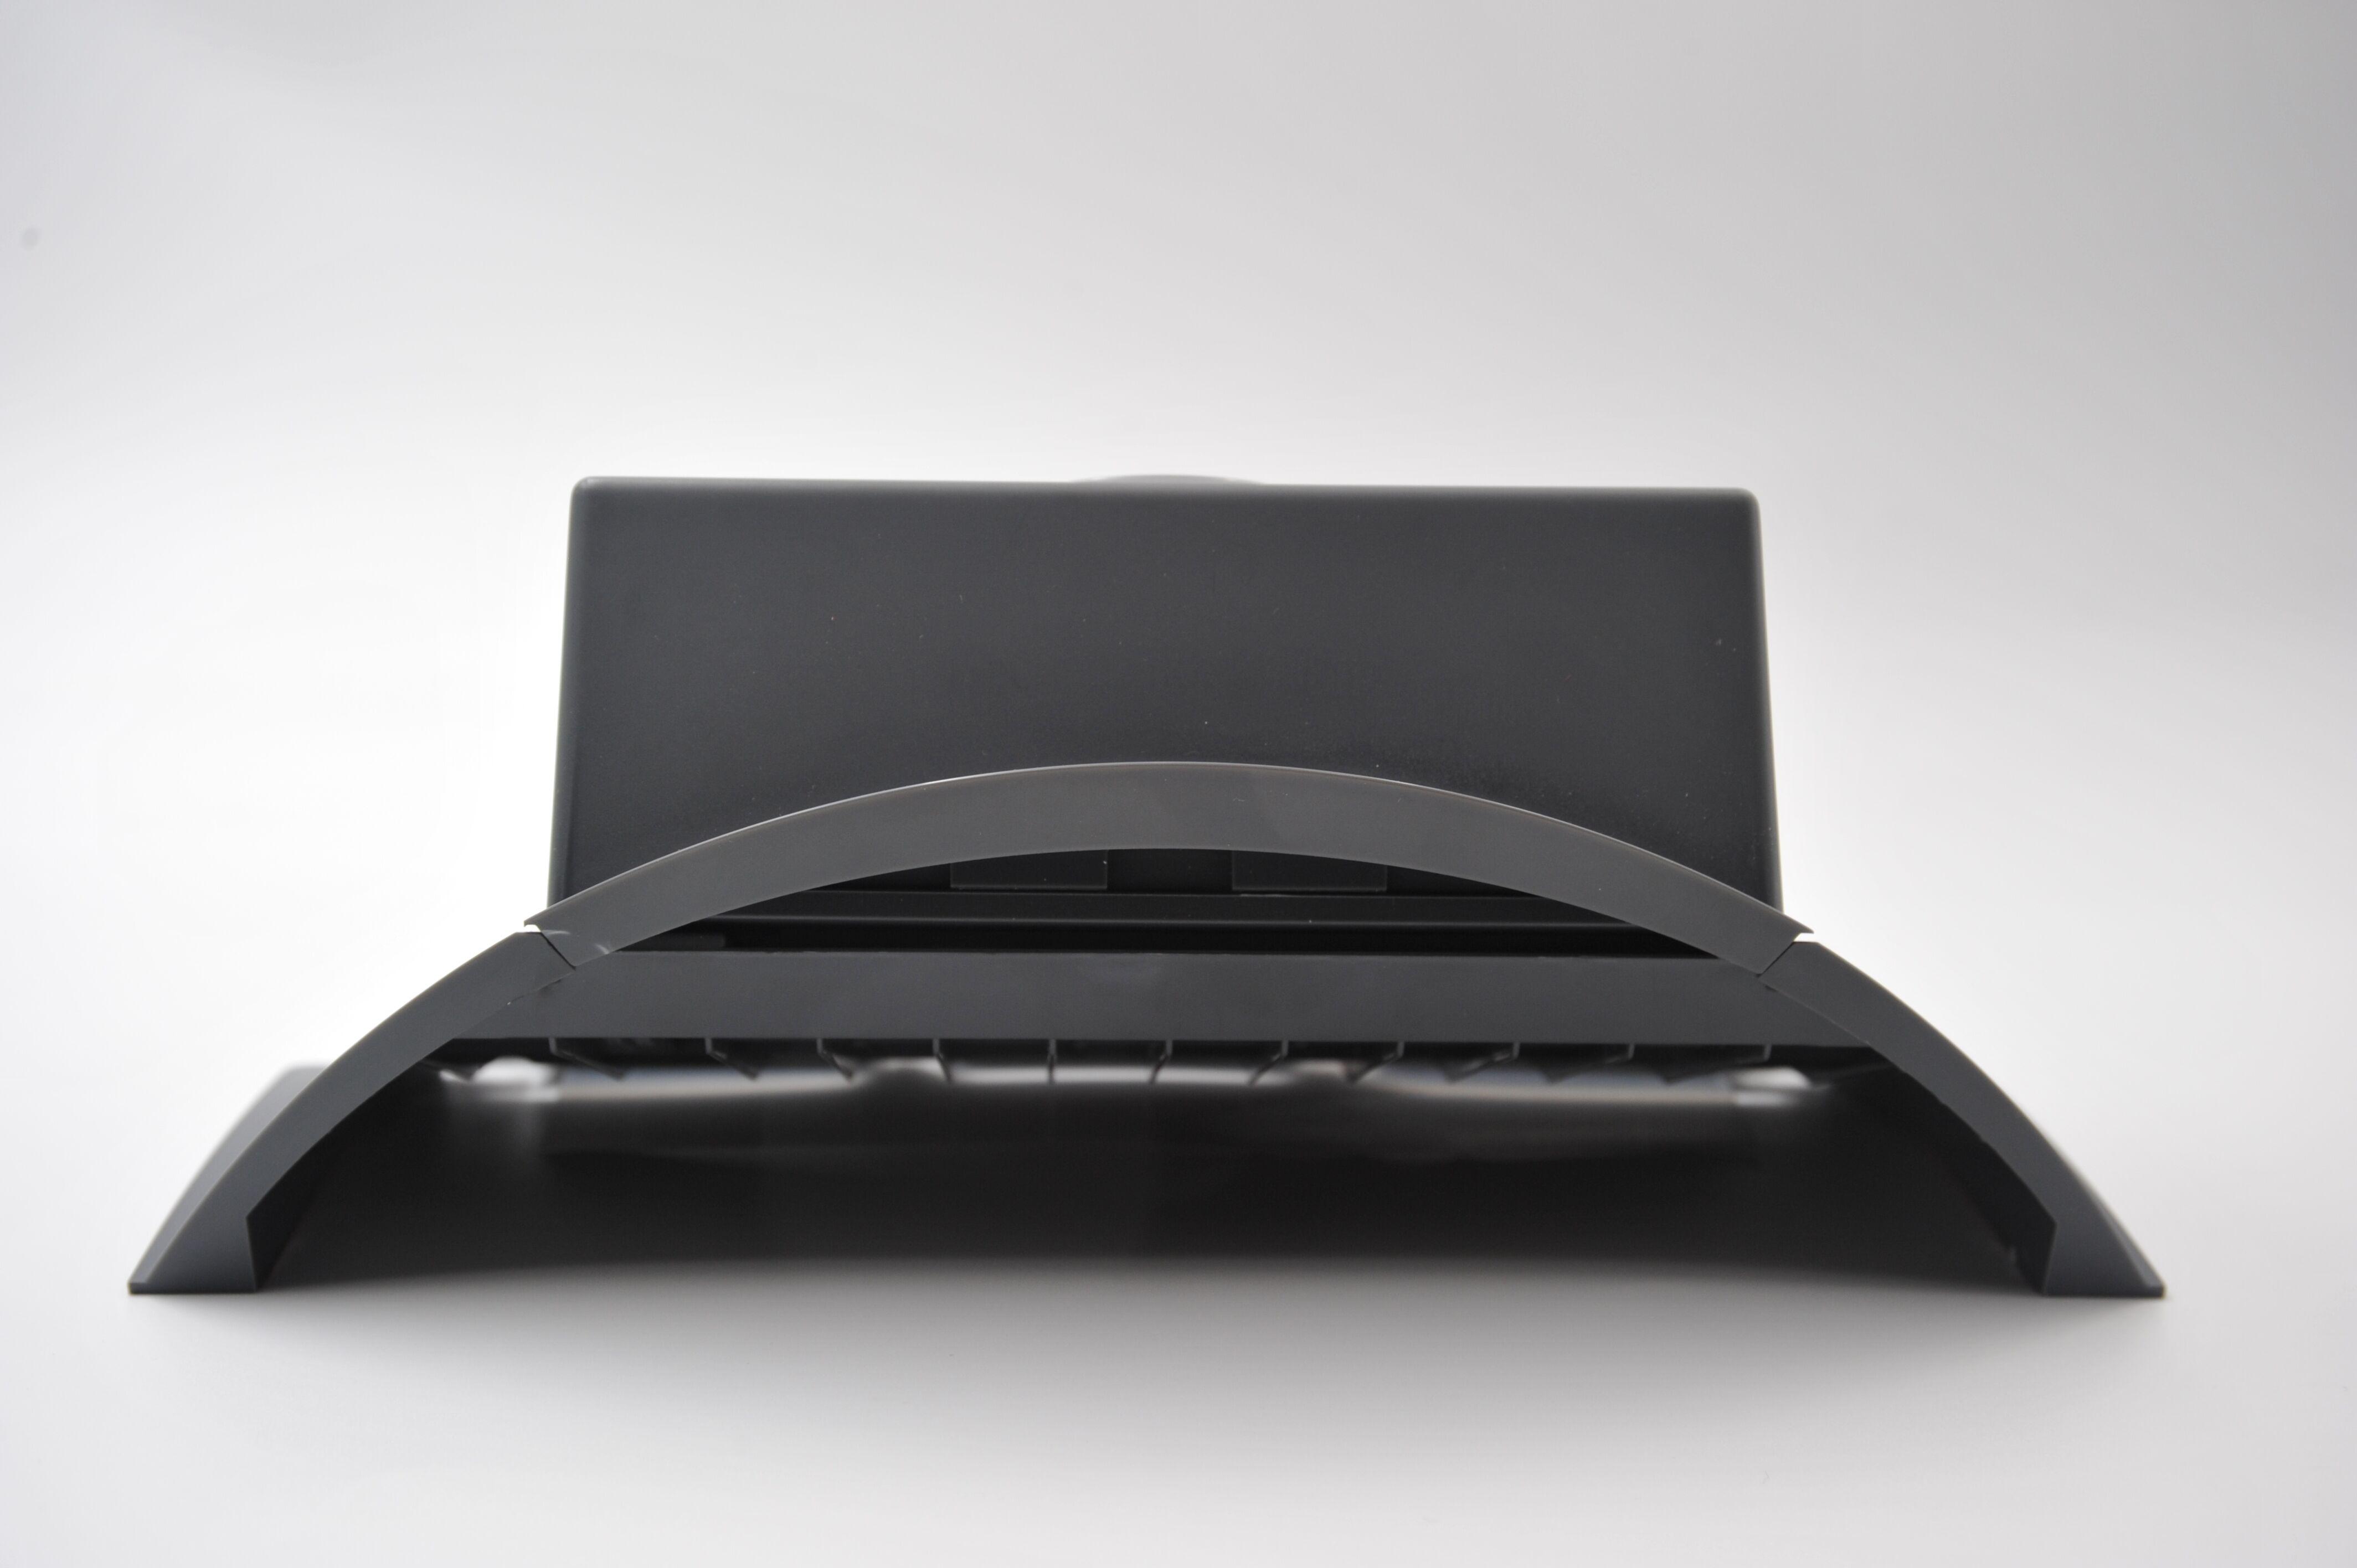 [莱盛办公用品旗舰店其它]莱盛空气净化器适用HPP1007 1月销量0件仅售298元